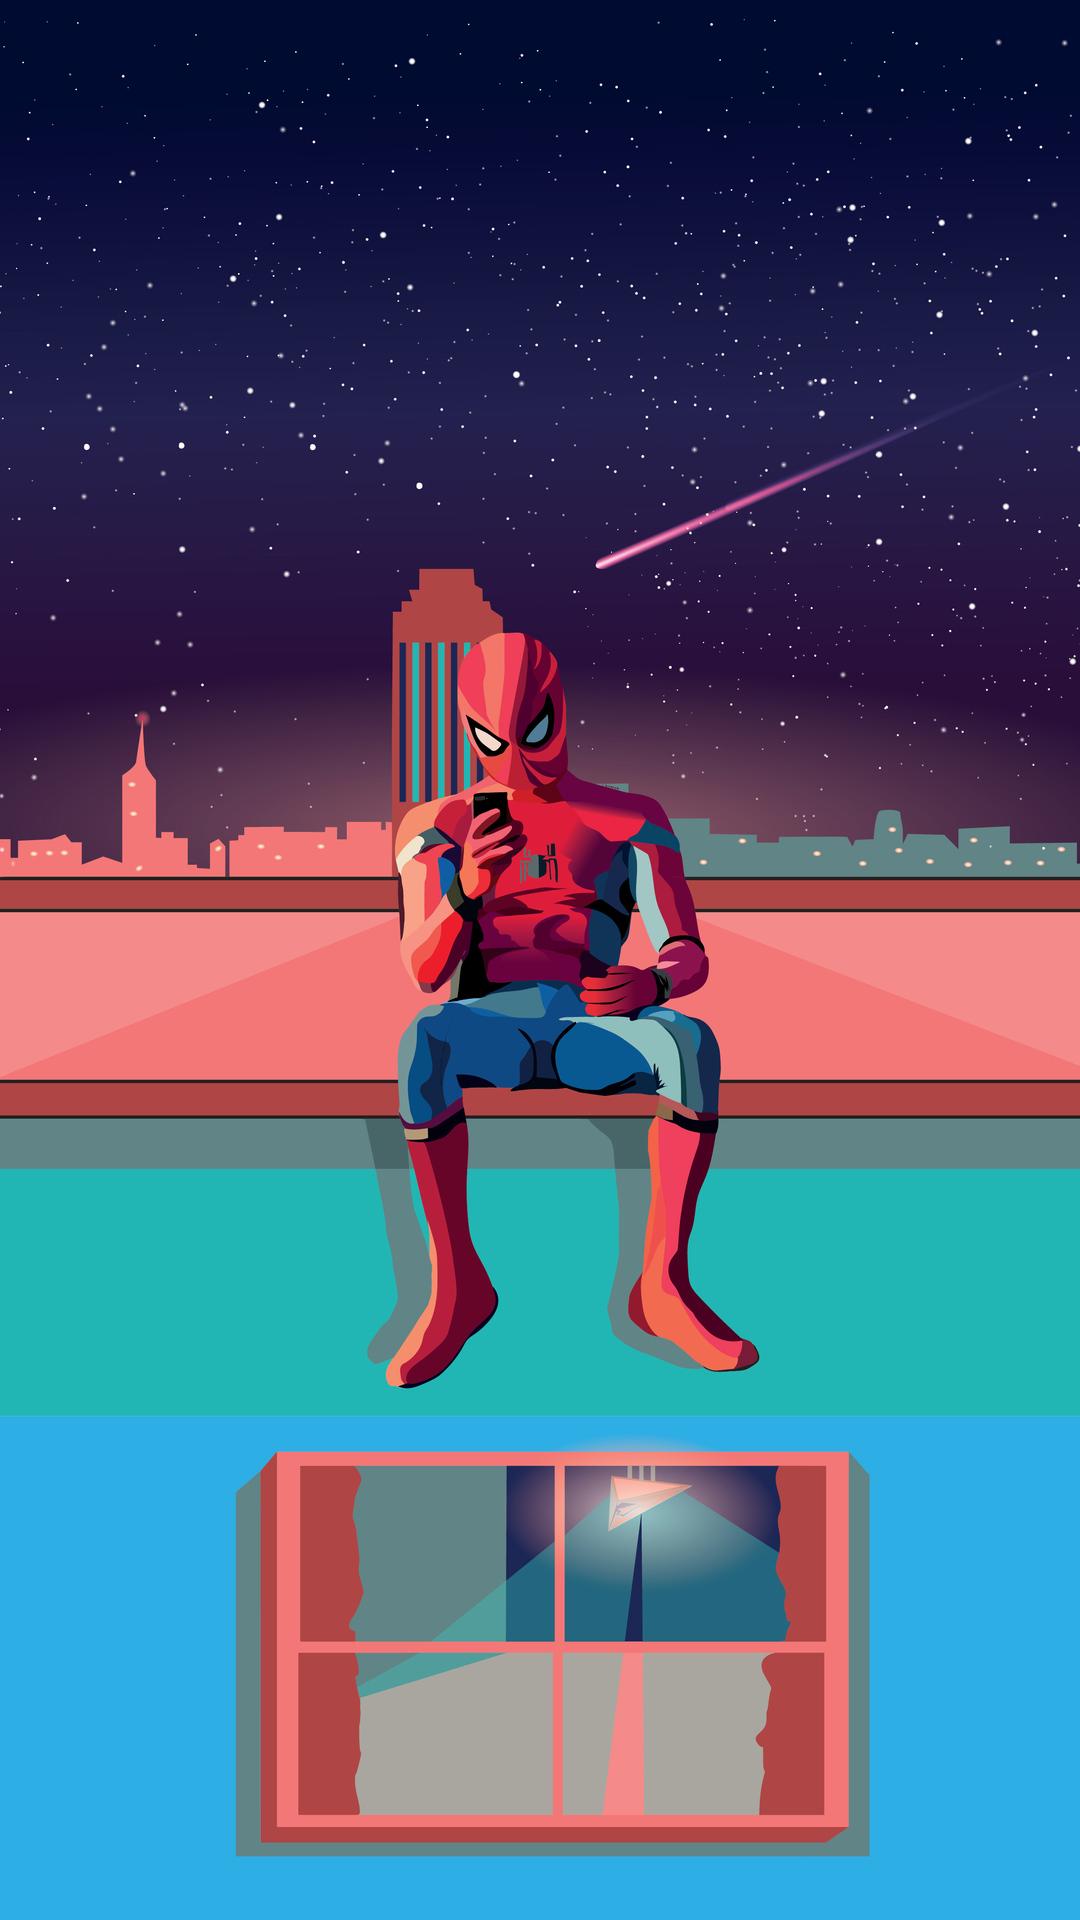 spiderman-digital-h1.jpg